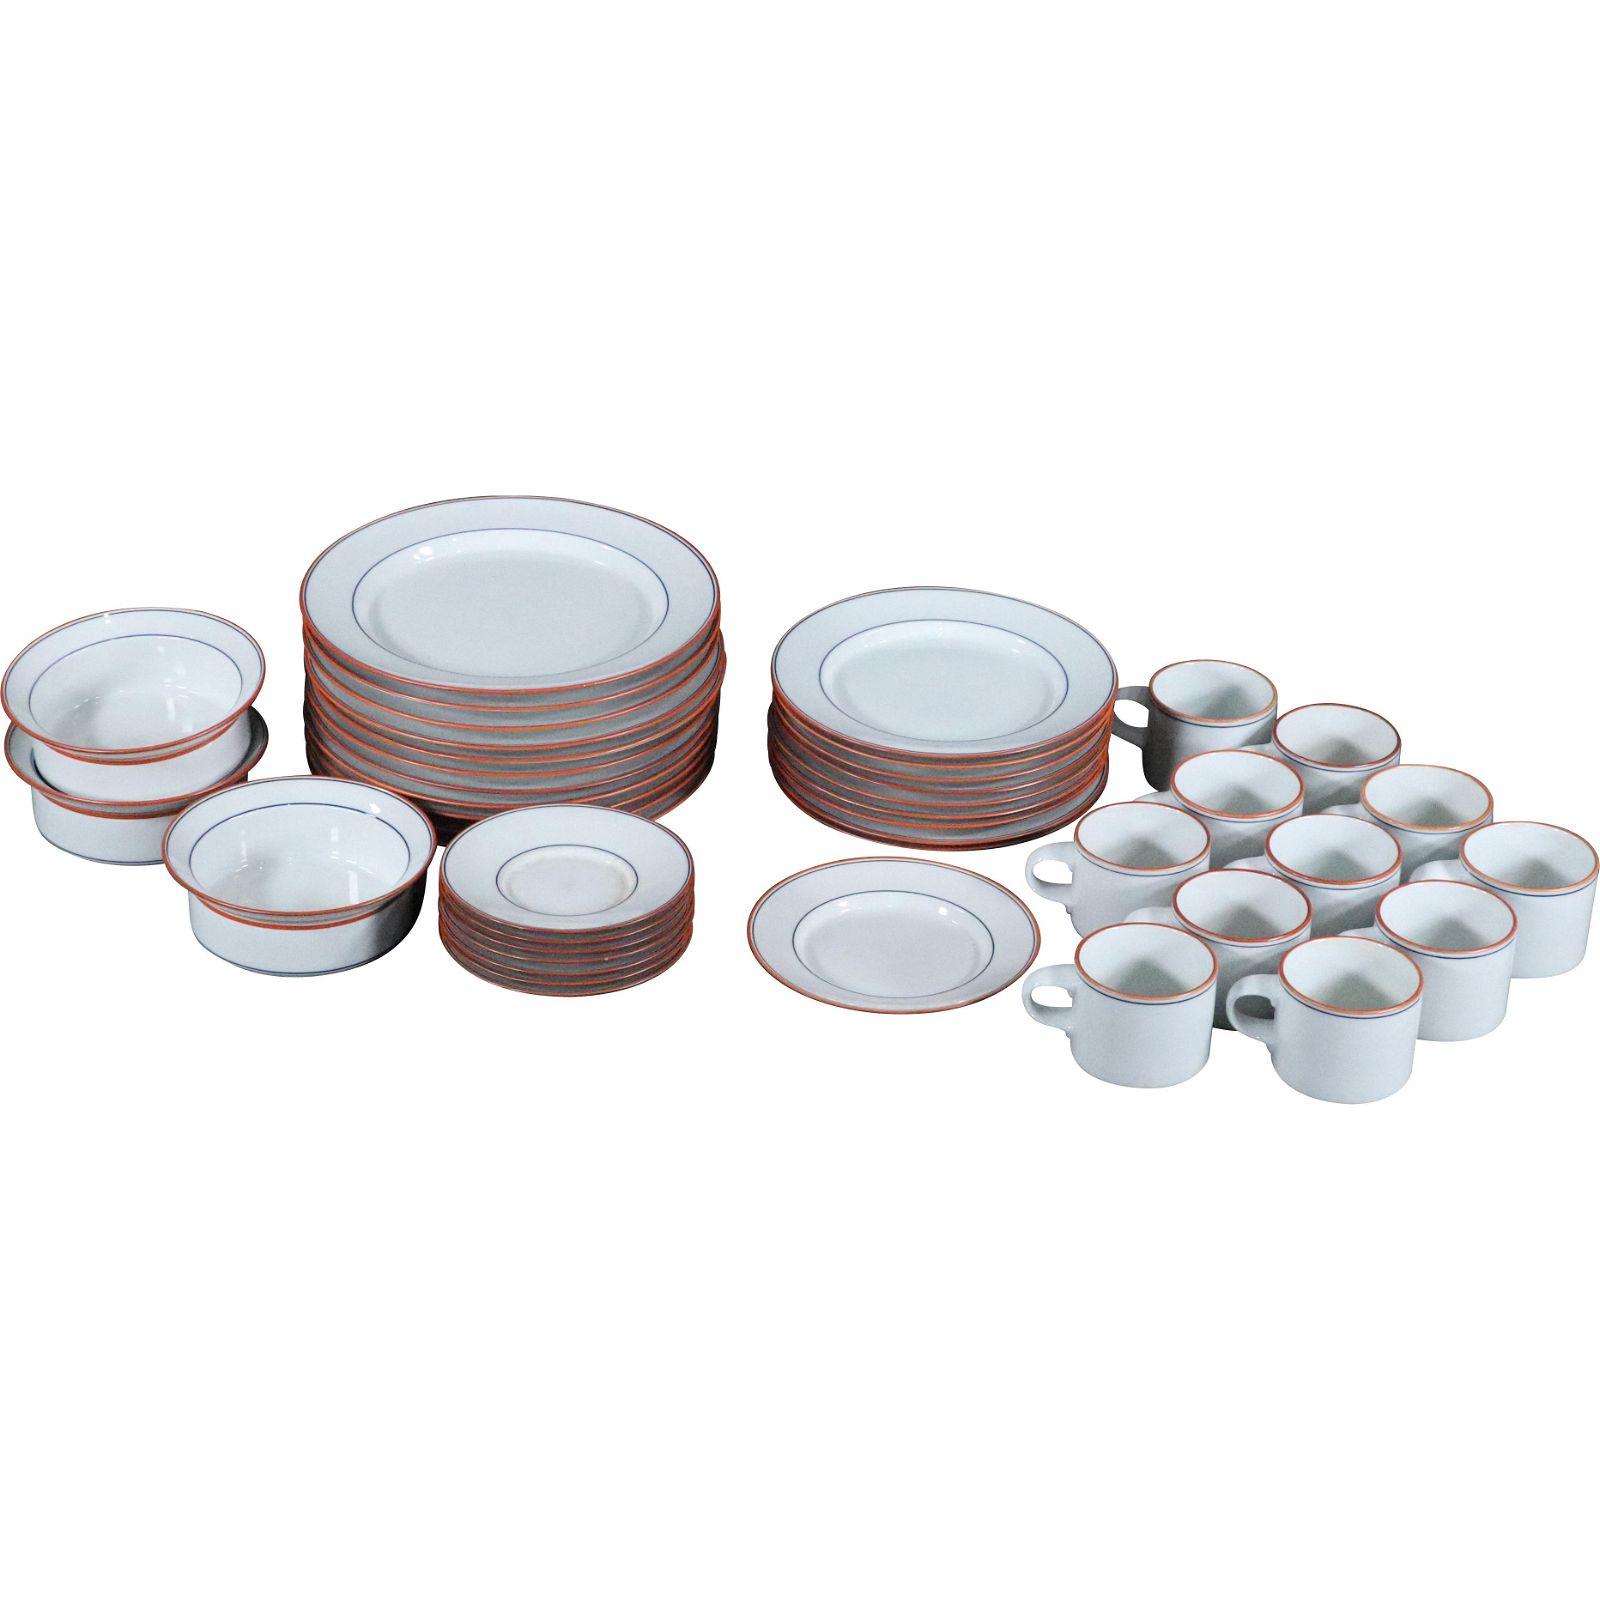 DANSK Porcelain Dinnerware Mid-Century Modern